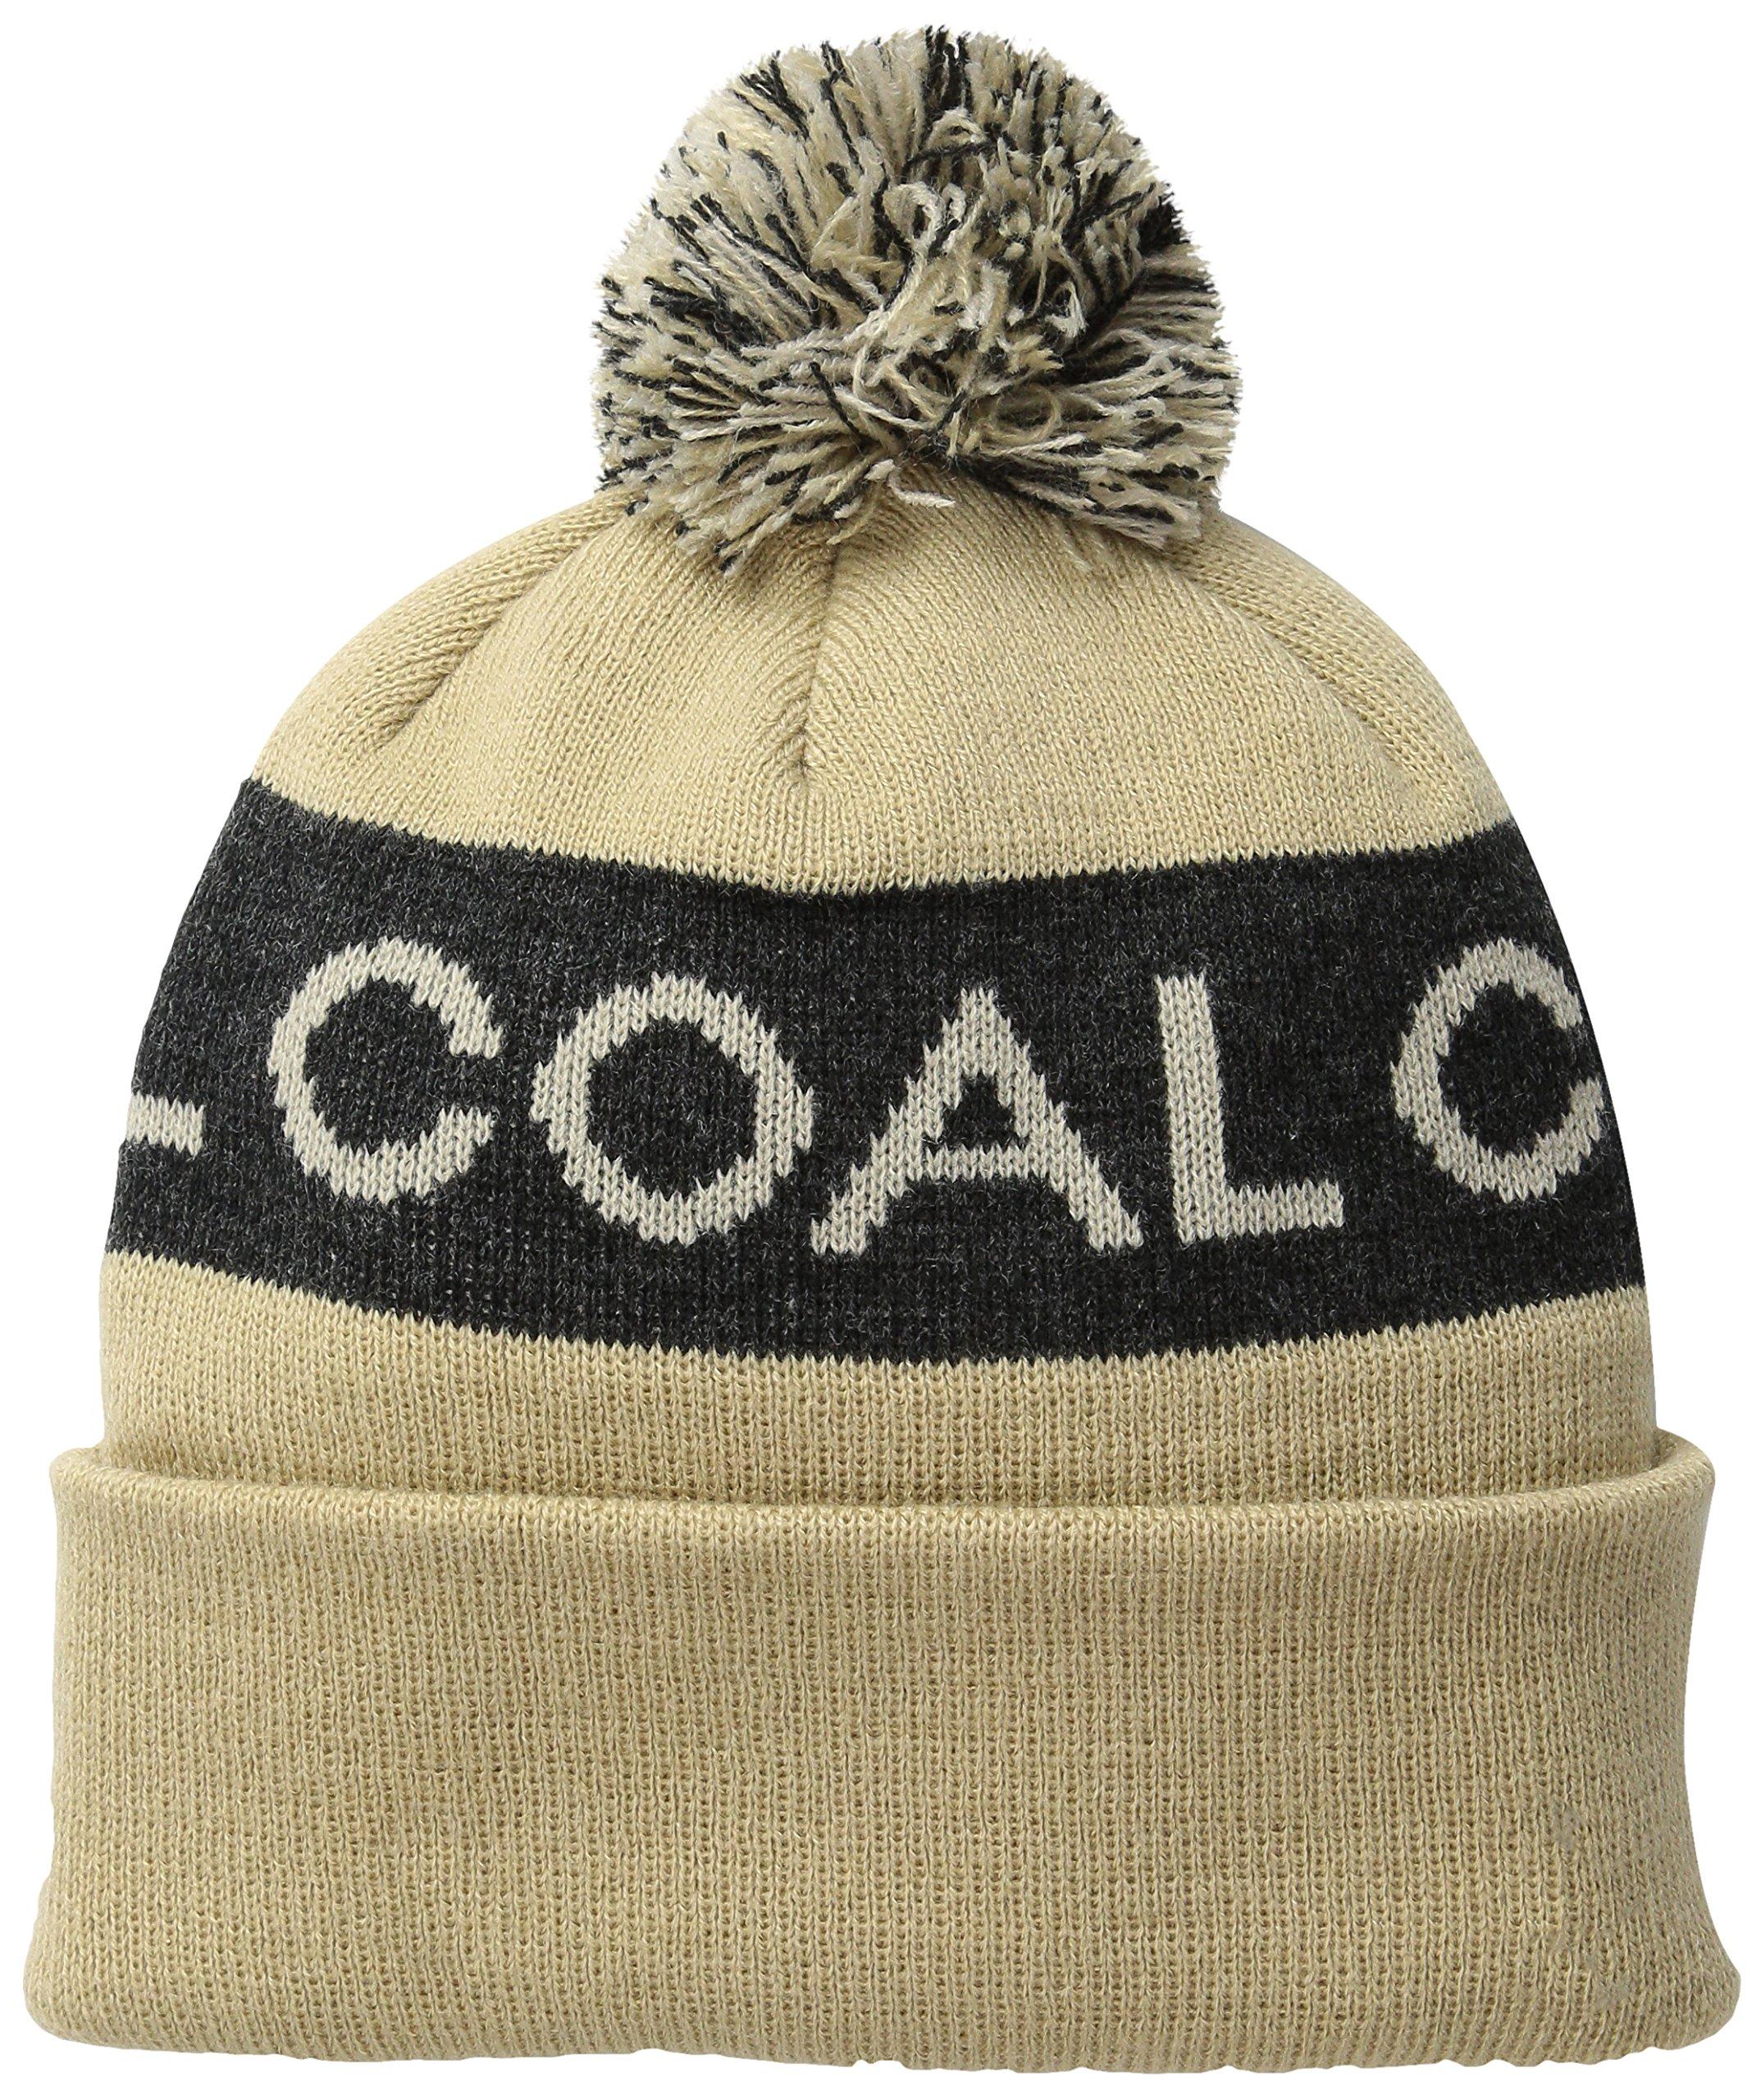 Coal The Team Fine Knit Beanie Hat with Pom Pom